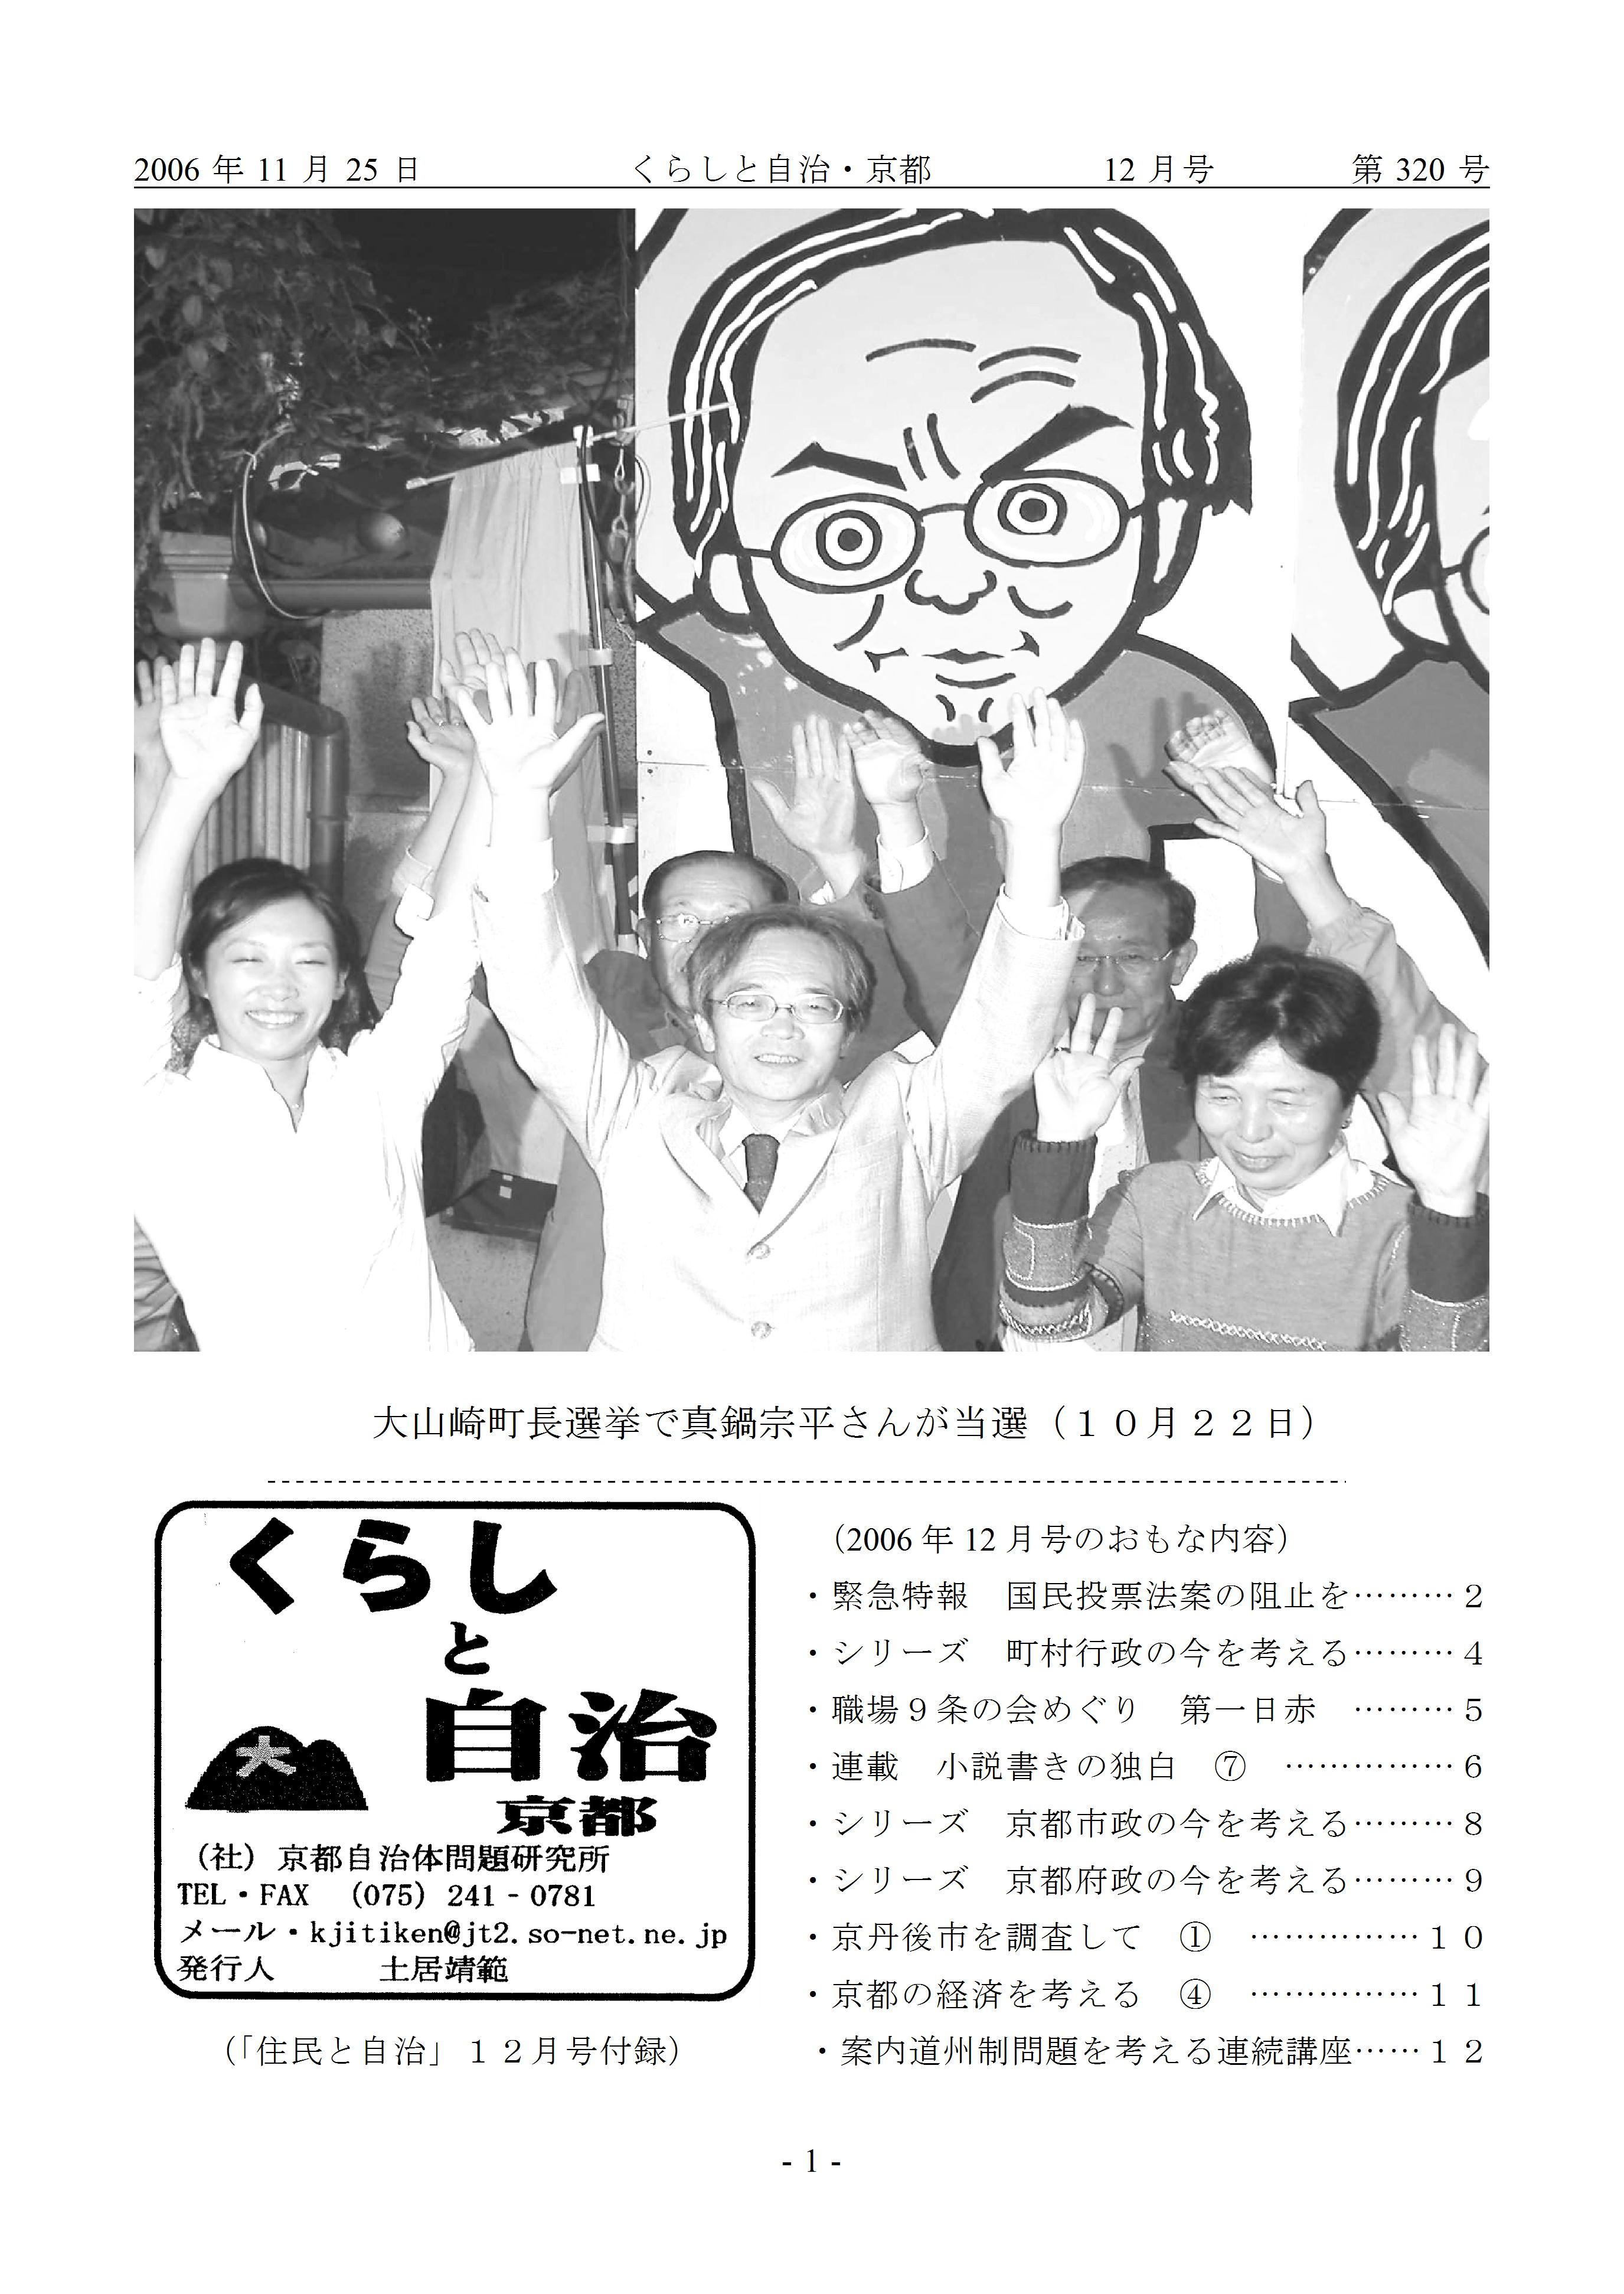 月報「くらしと自治・京都」2006年12月号 第320号